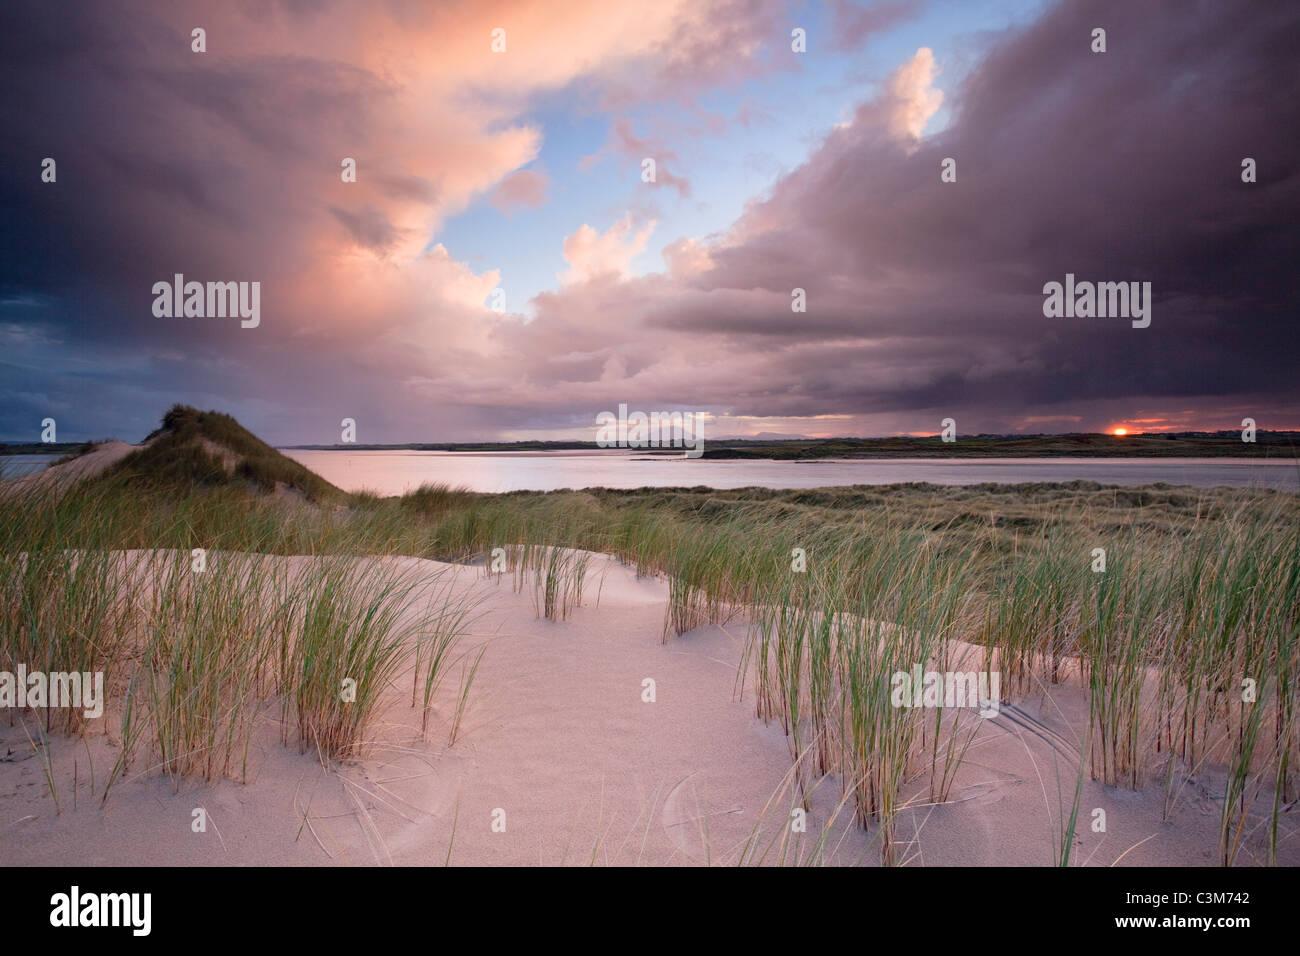 Enniscrone dunes at sunset, Coonty Sligo, Ireland. - Stock Image